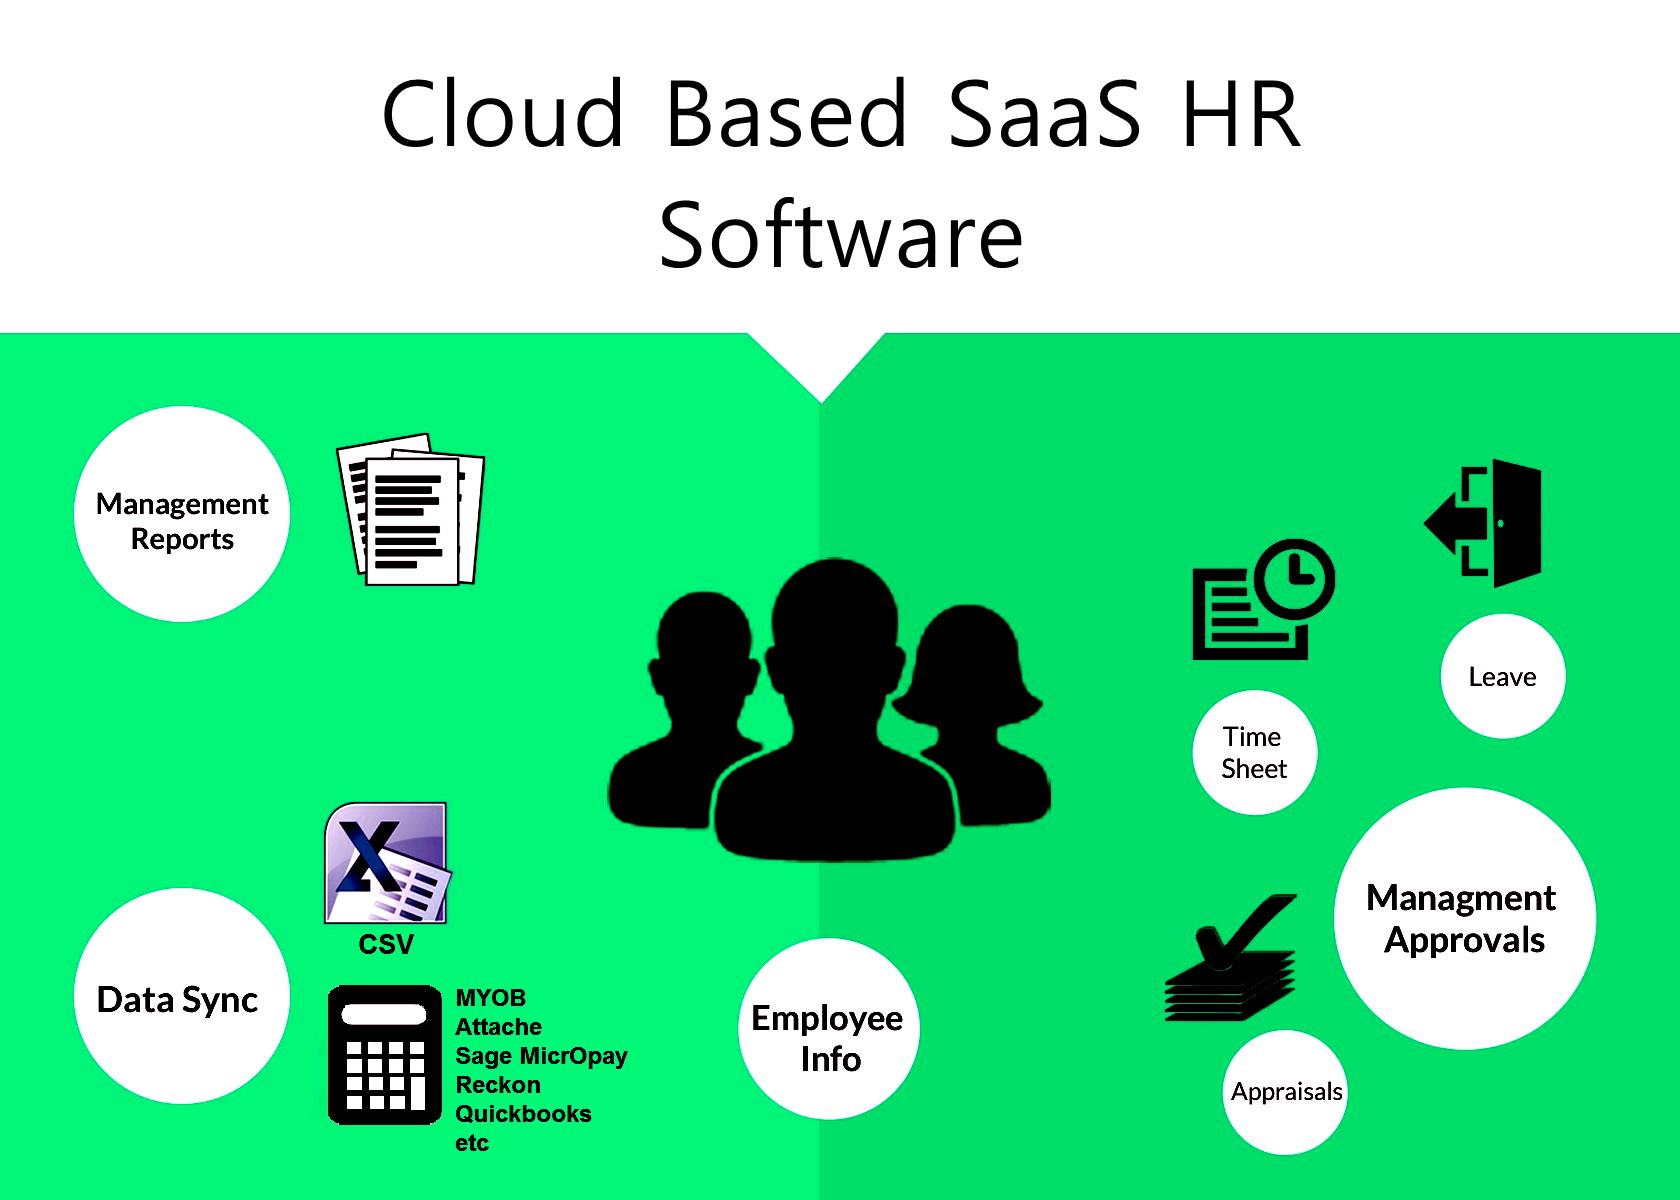 SaaS HR Software